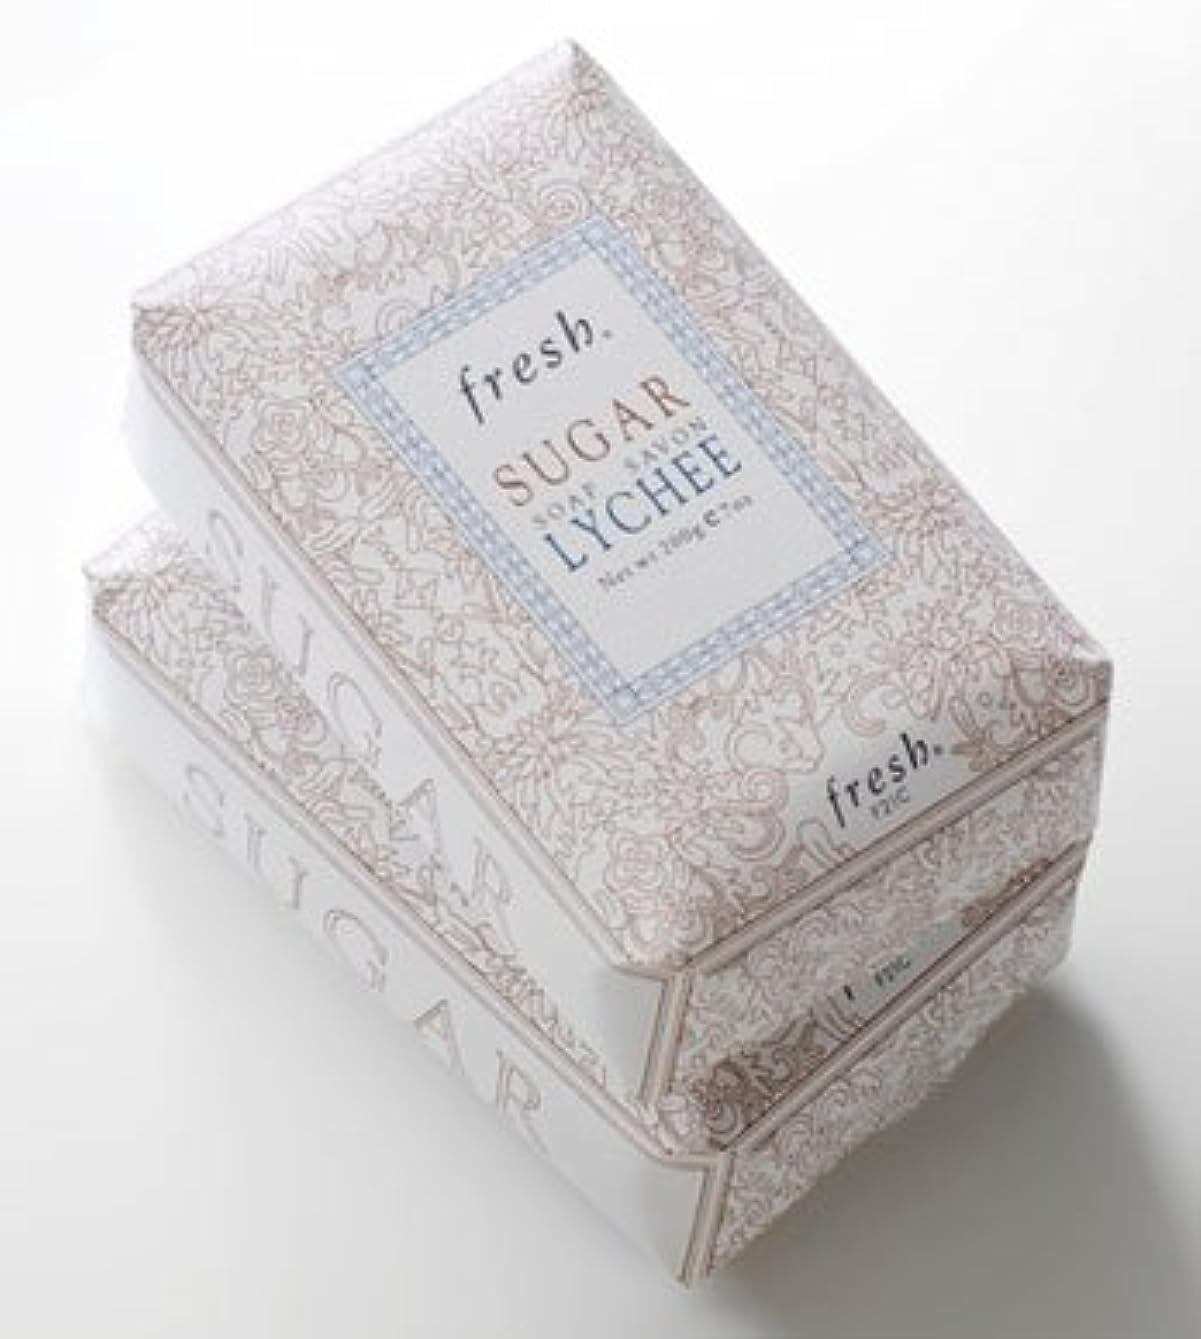 考古学パイウガンダFresh SUGAR LYCHEE SOAP(フレッシュ シュガーライチ ソープ) 7.0 oz (210g) by Fresh for Women